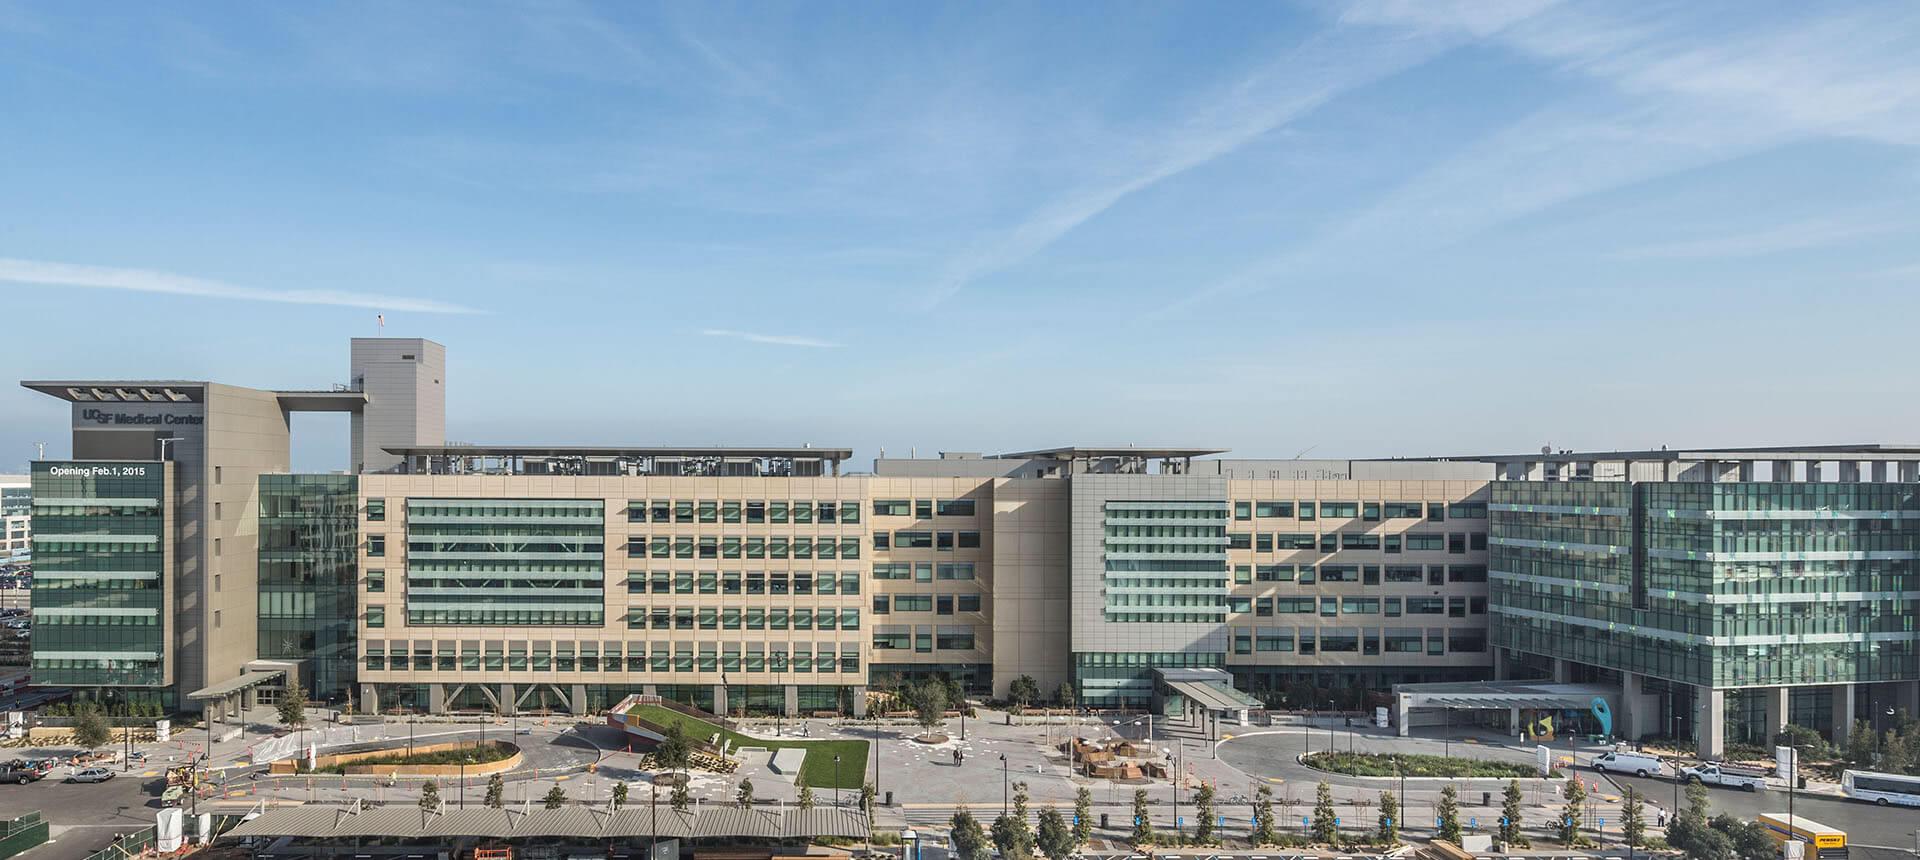 UCSF Medical Center at Mission Bay - CallisonRTKL